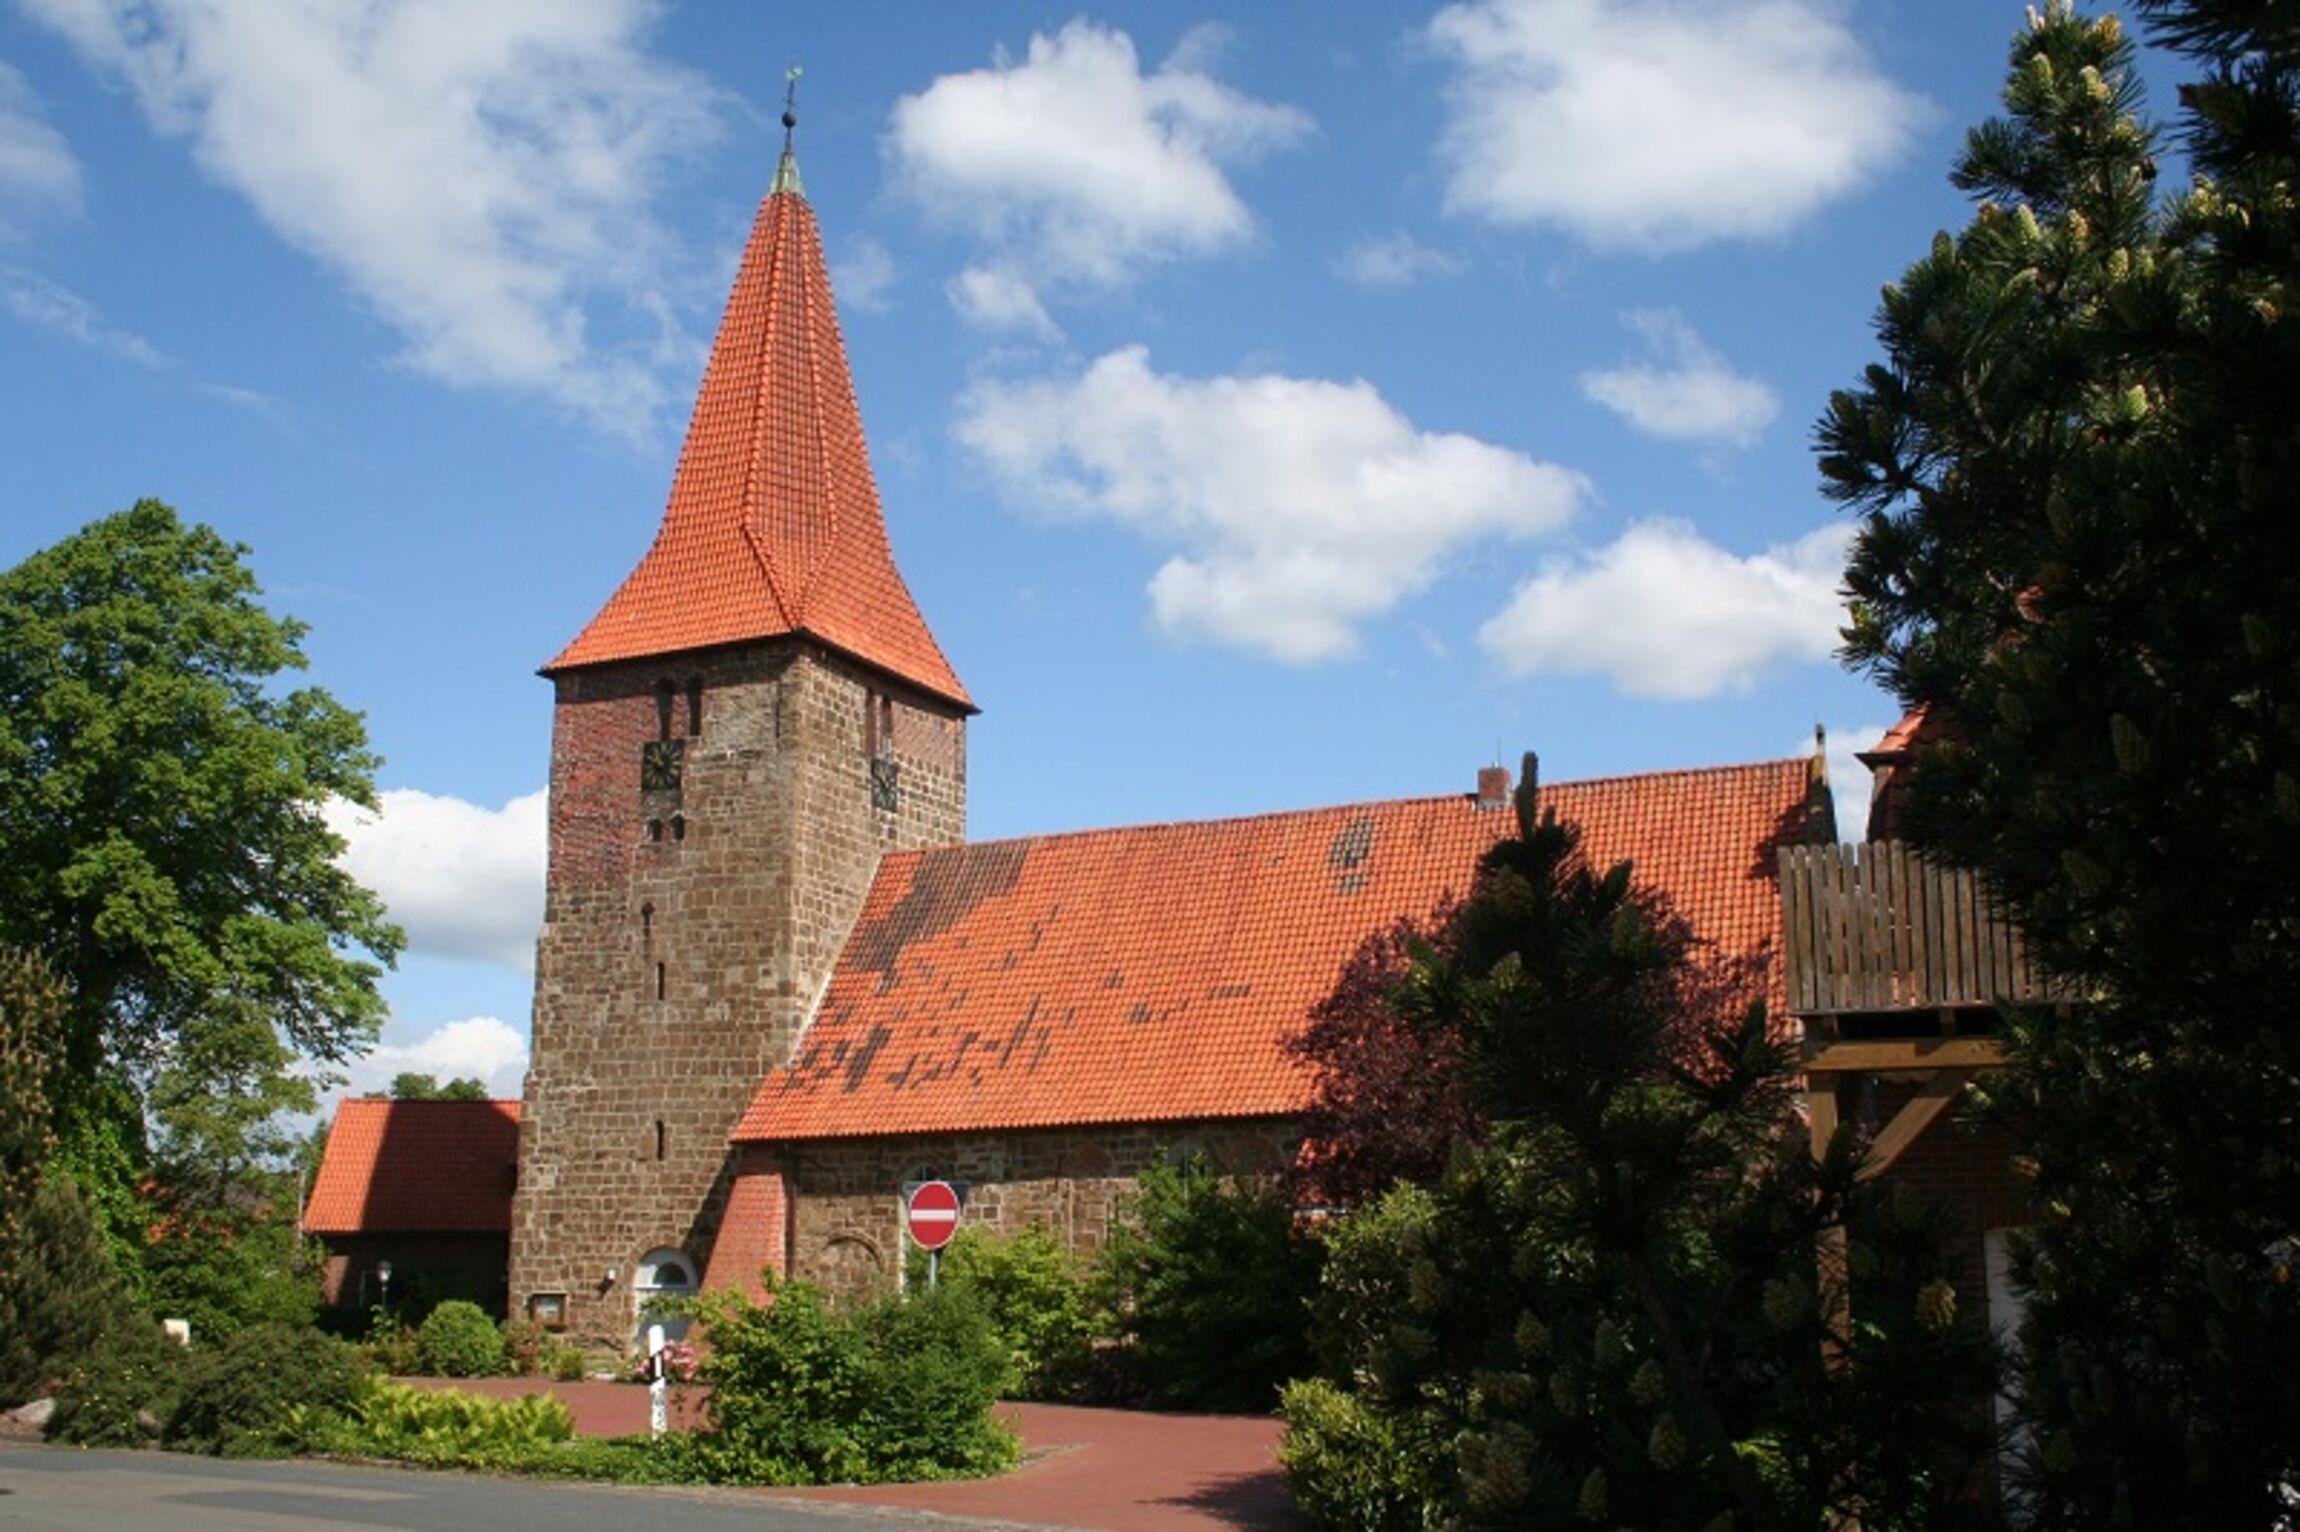 Balge Kirche